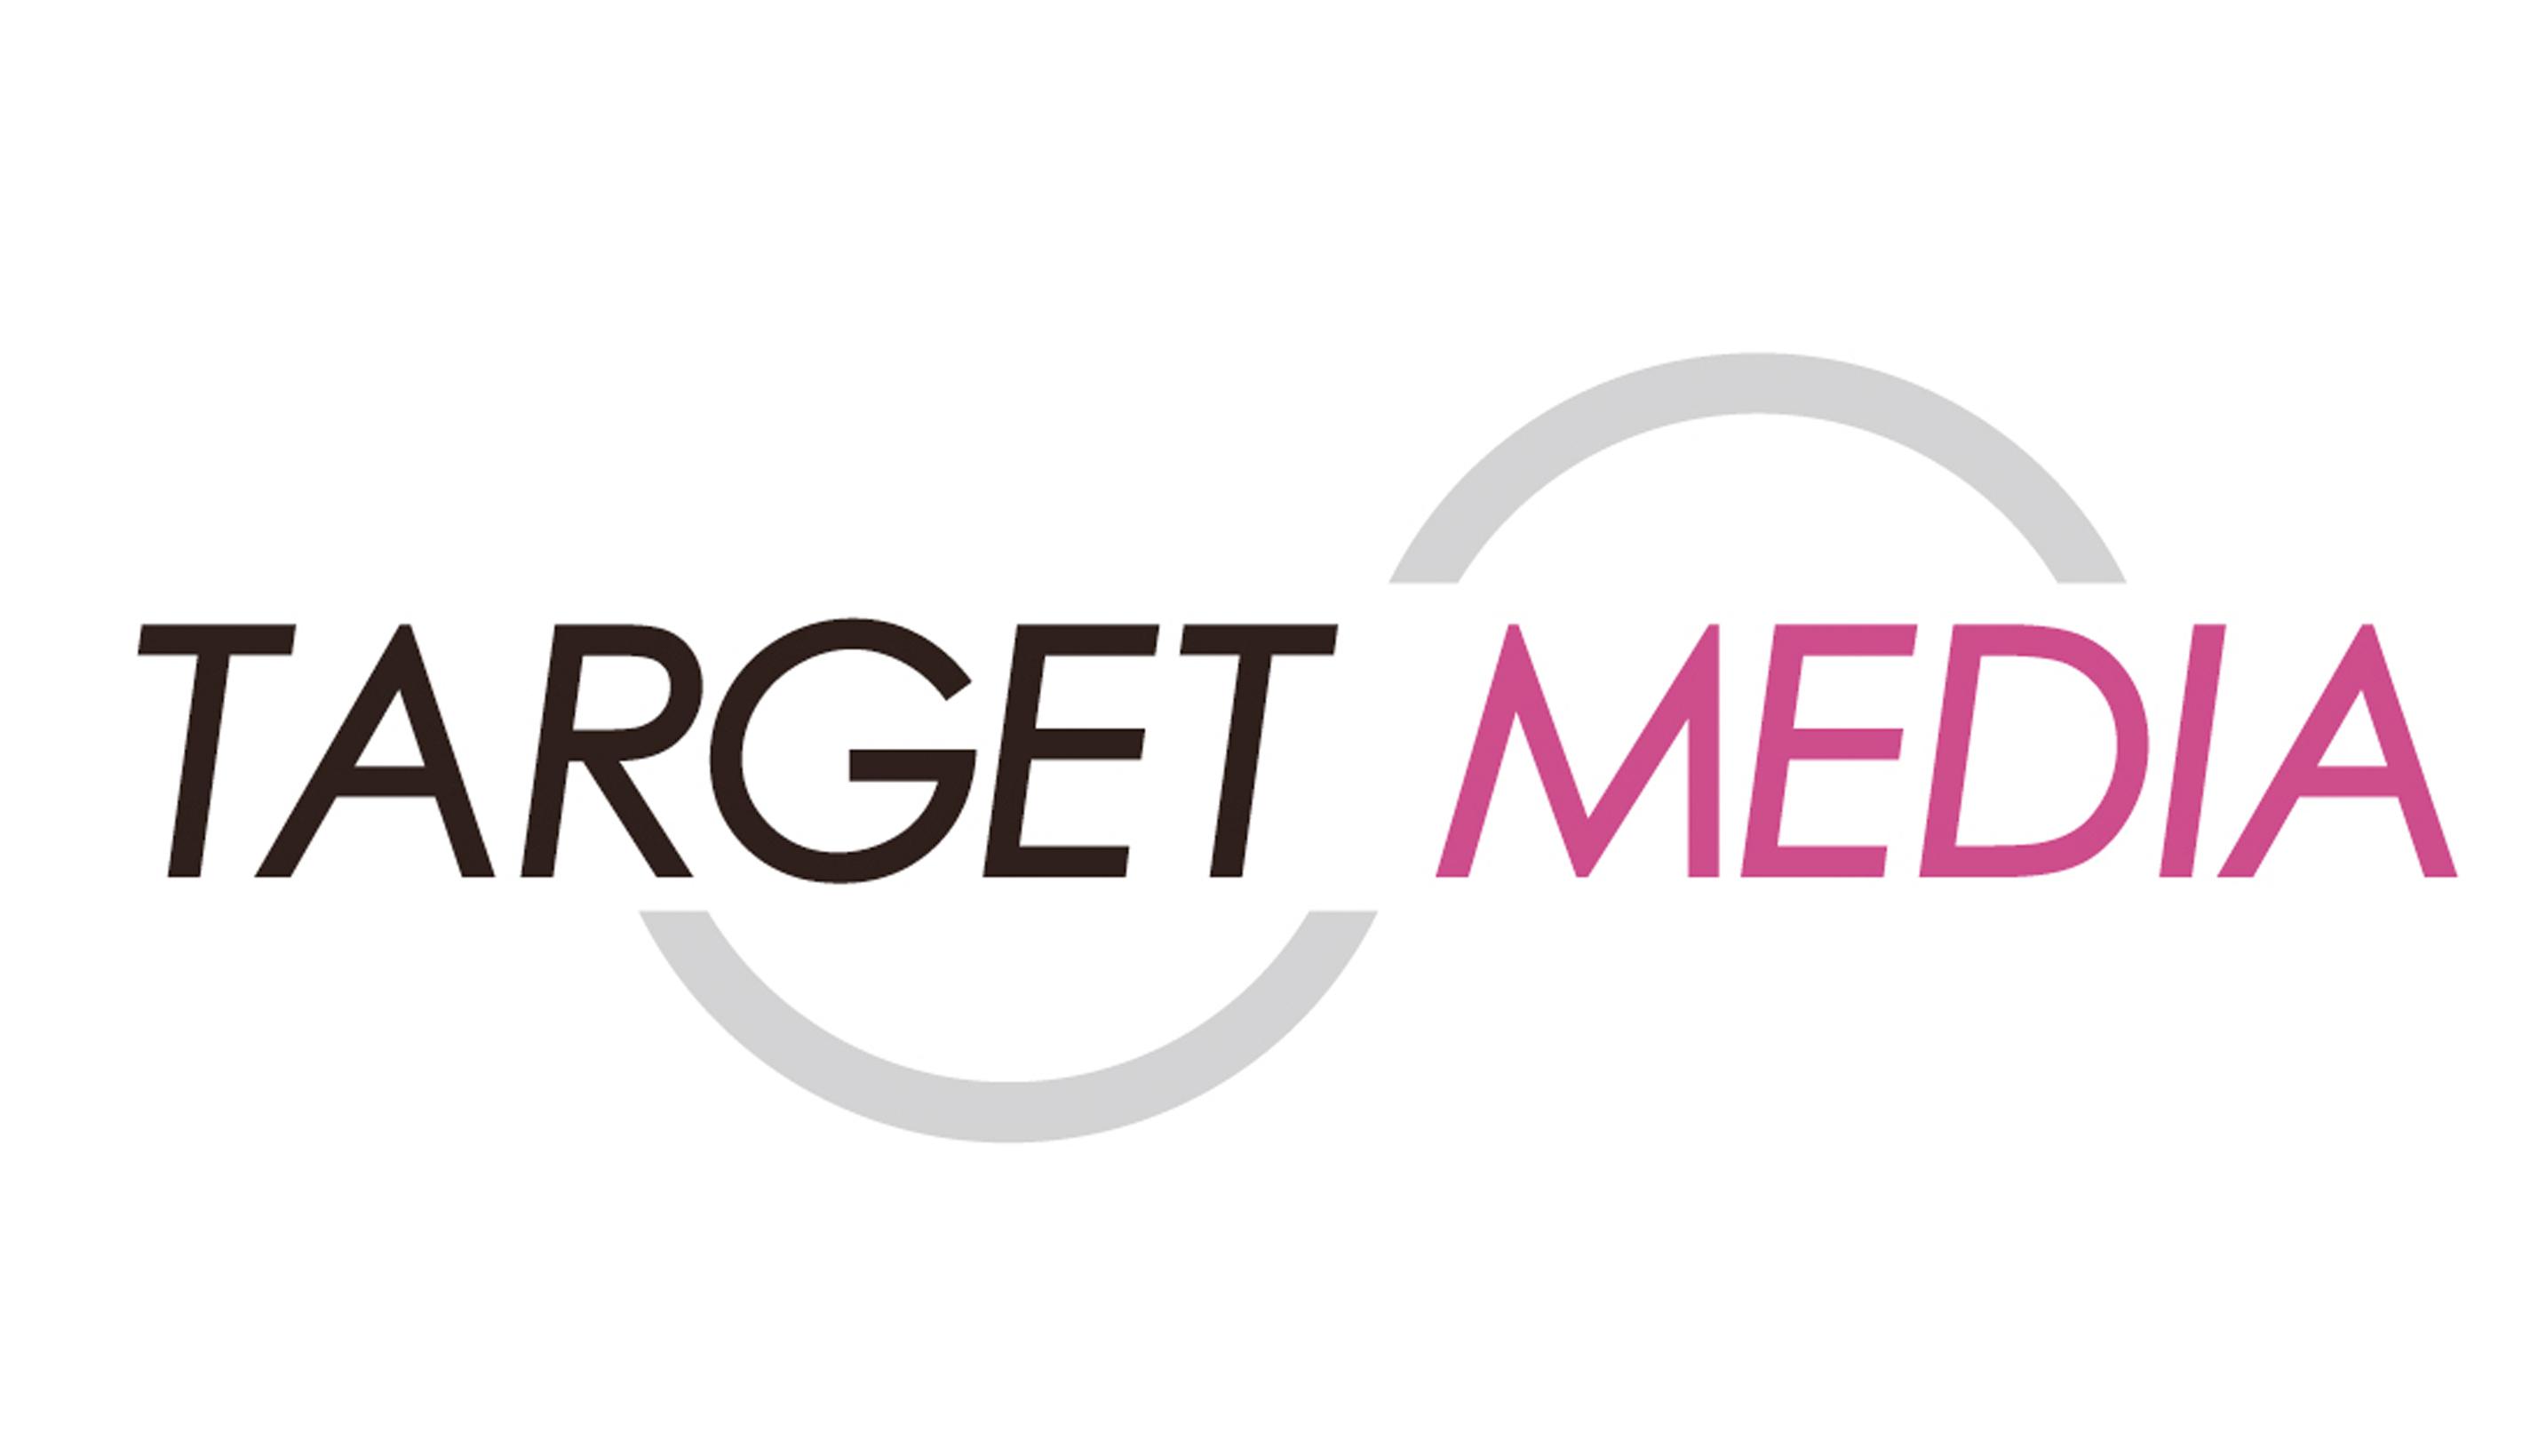 ターゲットメディア株式会社